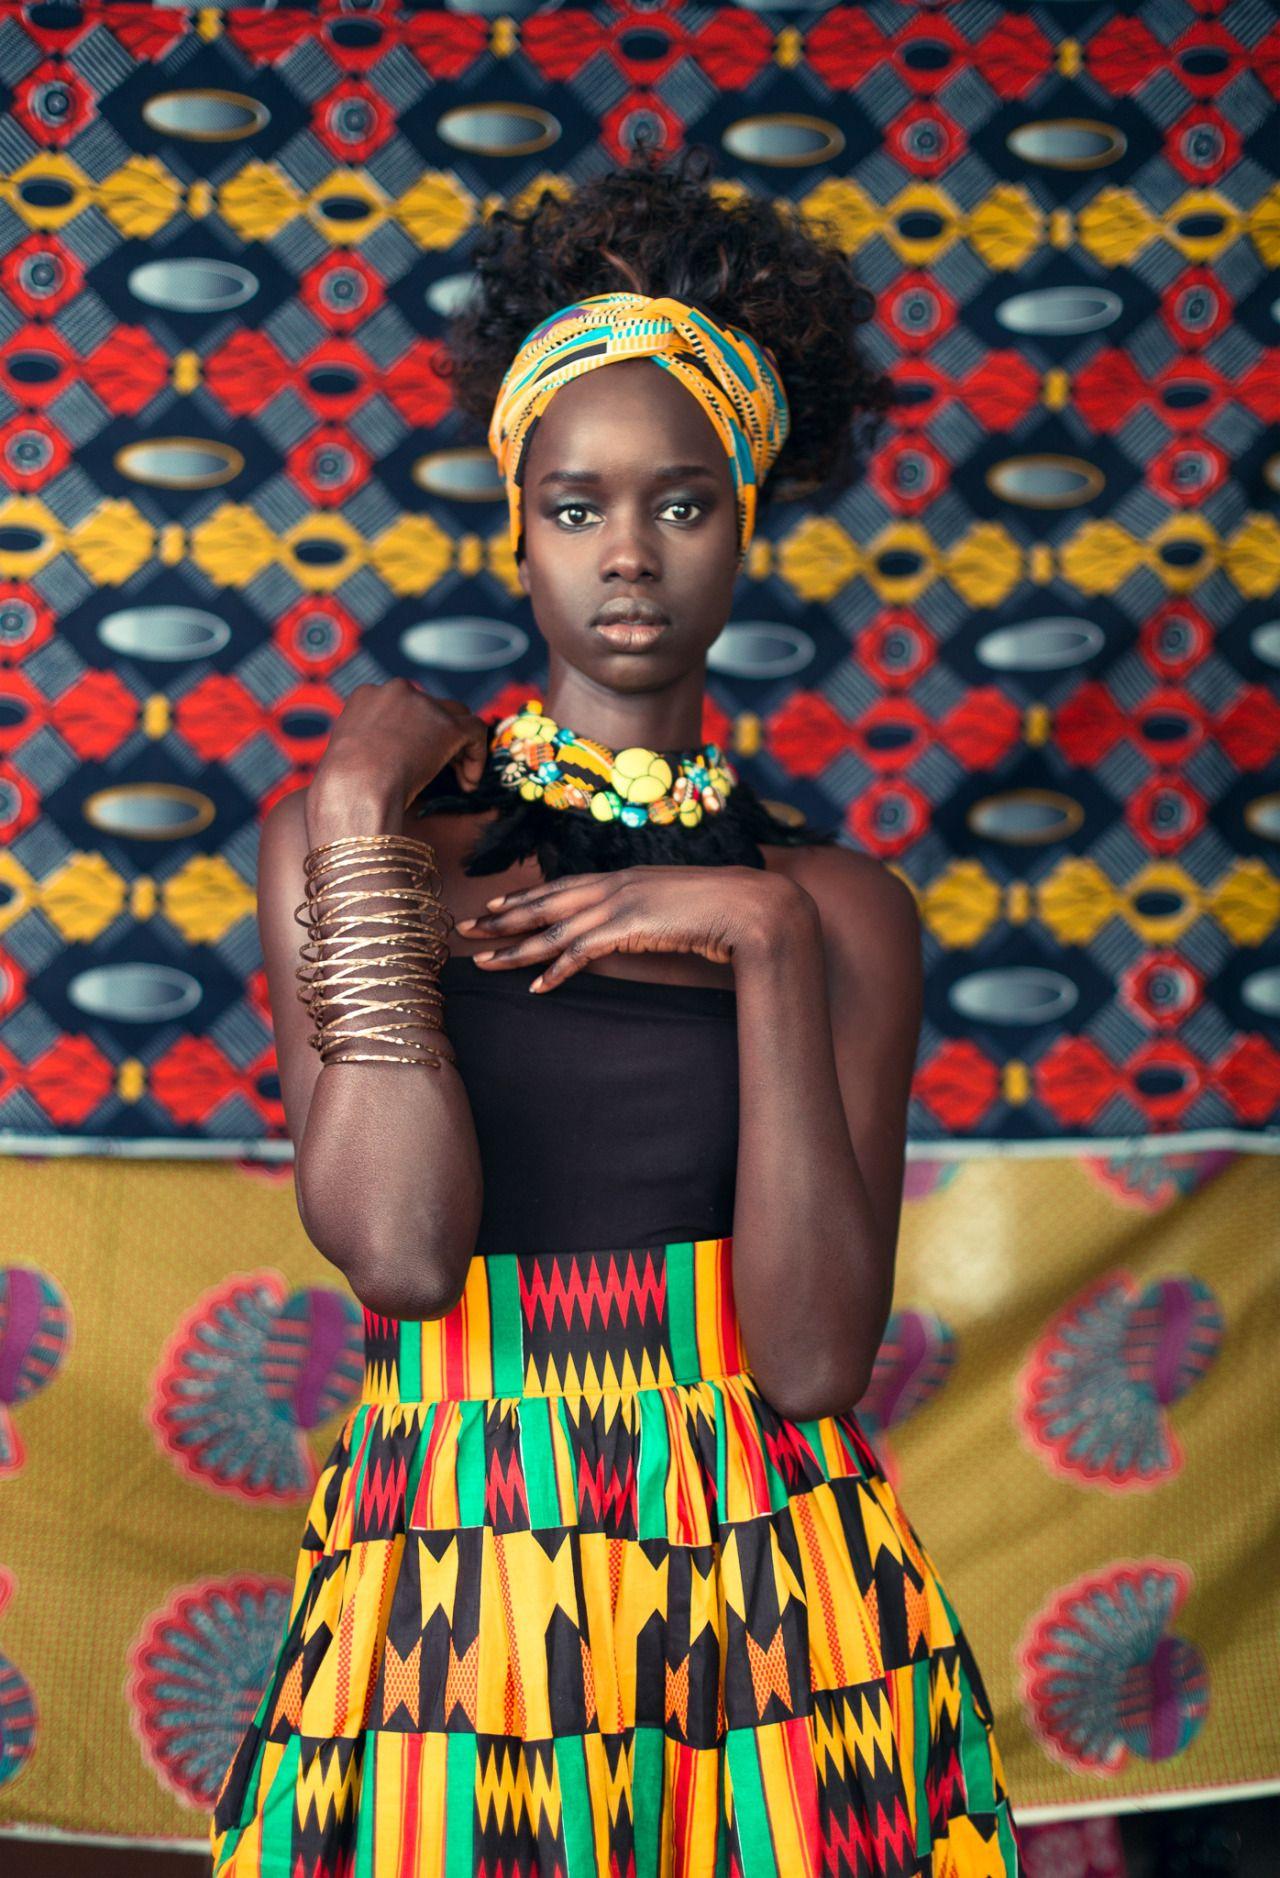 африканский костюм фото ещё один